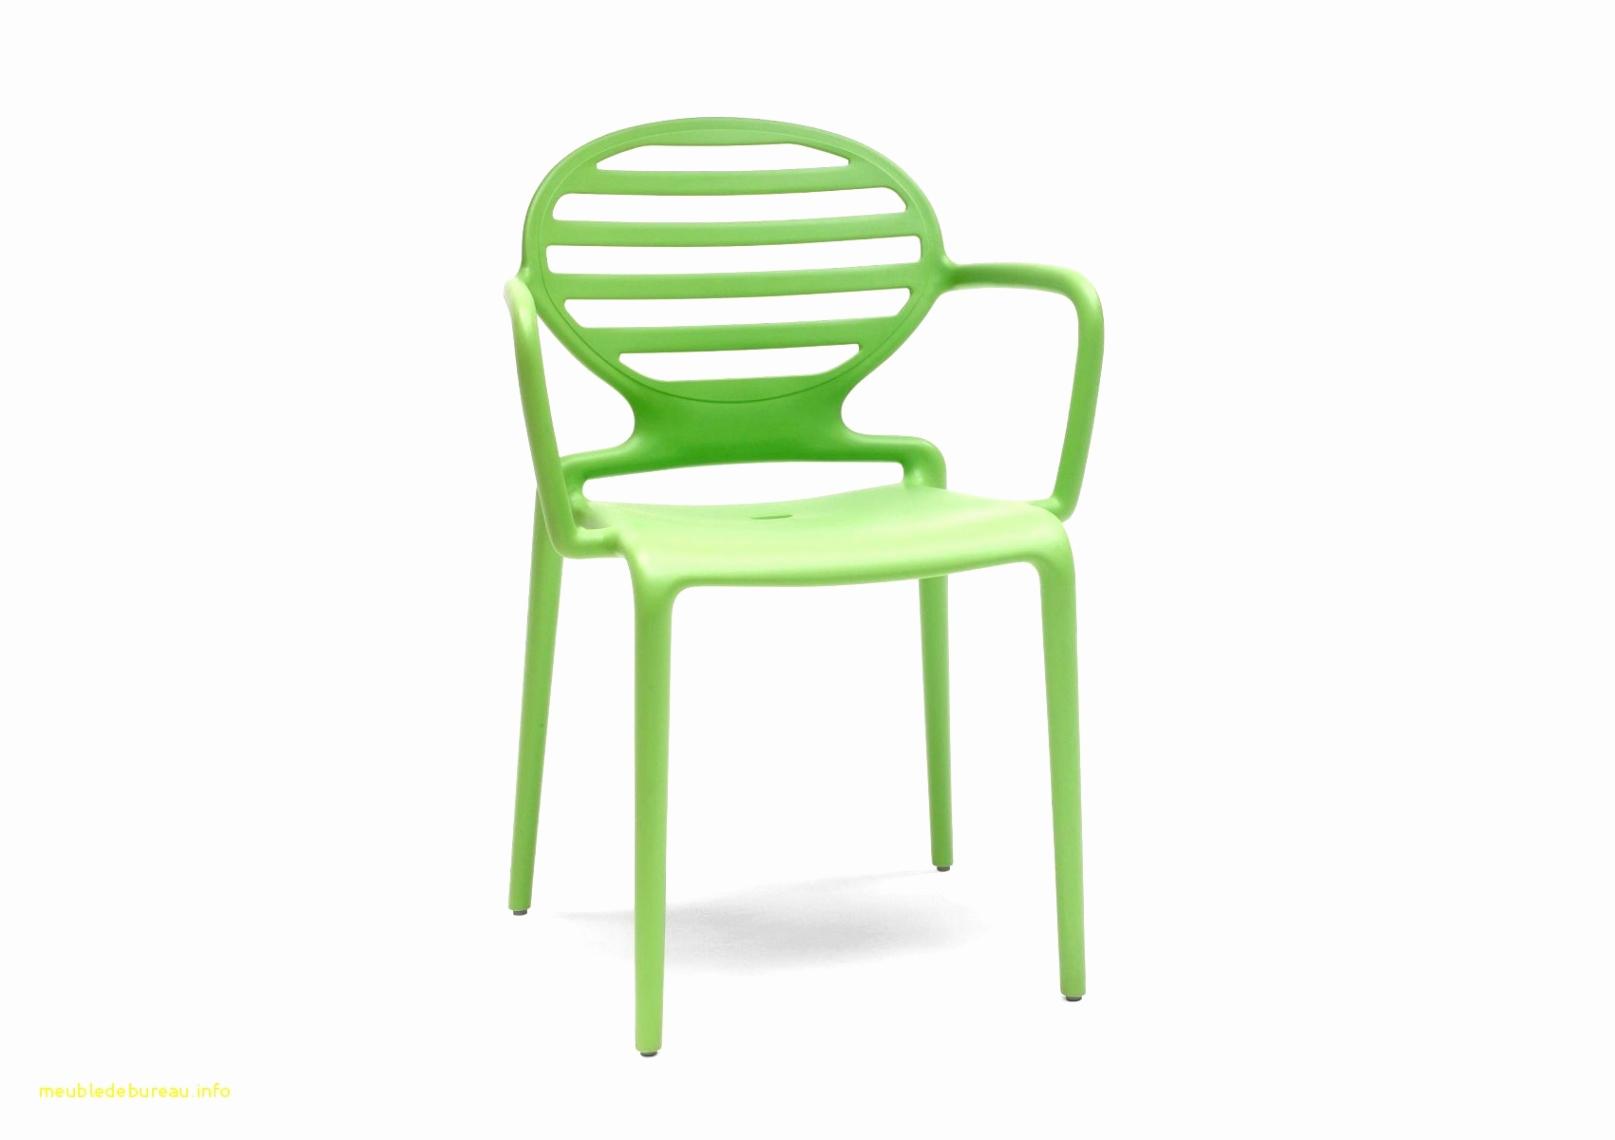 2 x Chaise de Jardin Chaise De Balcon Fauteuil Jardin Mobilier de jardin chaise bois FSC-MONTANA